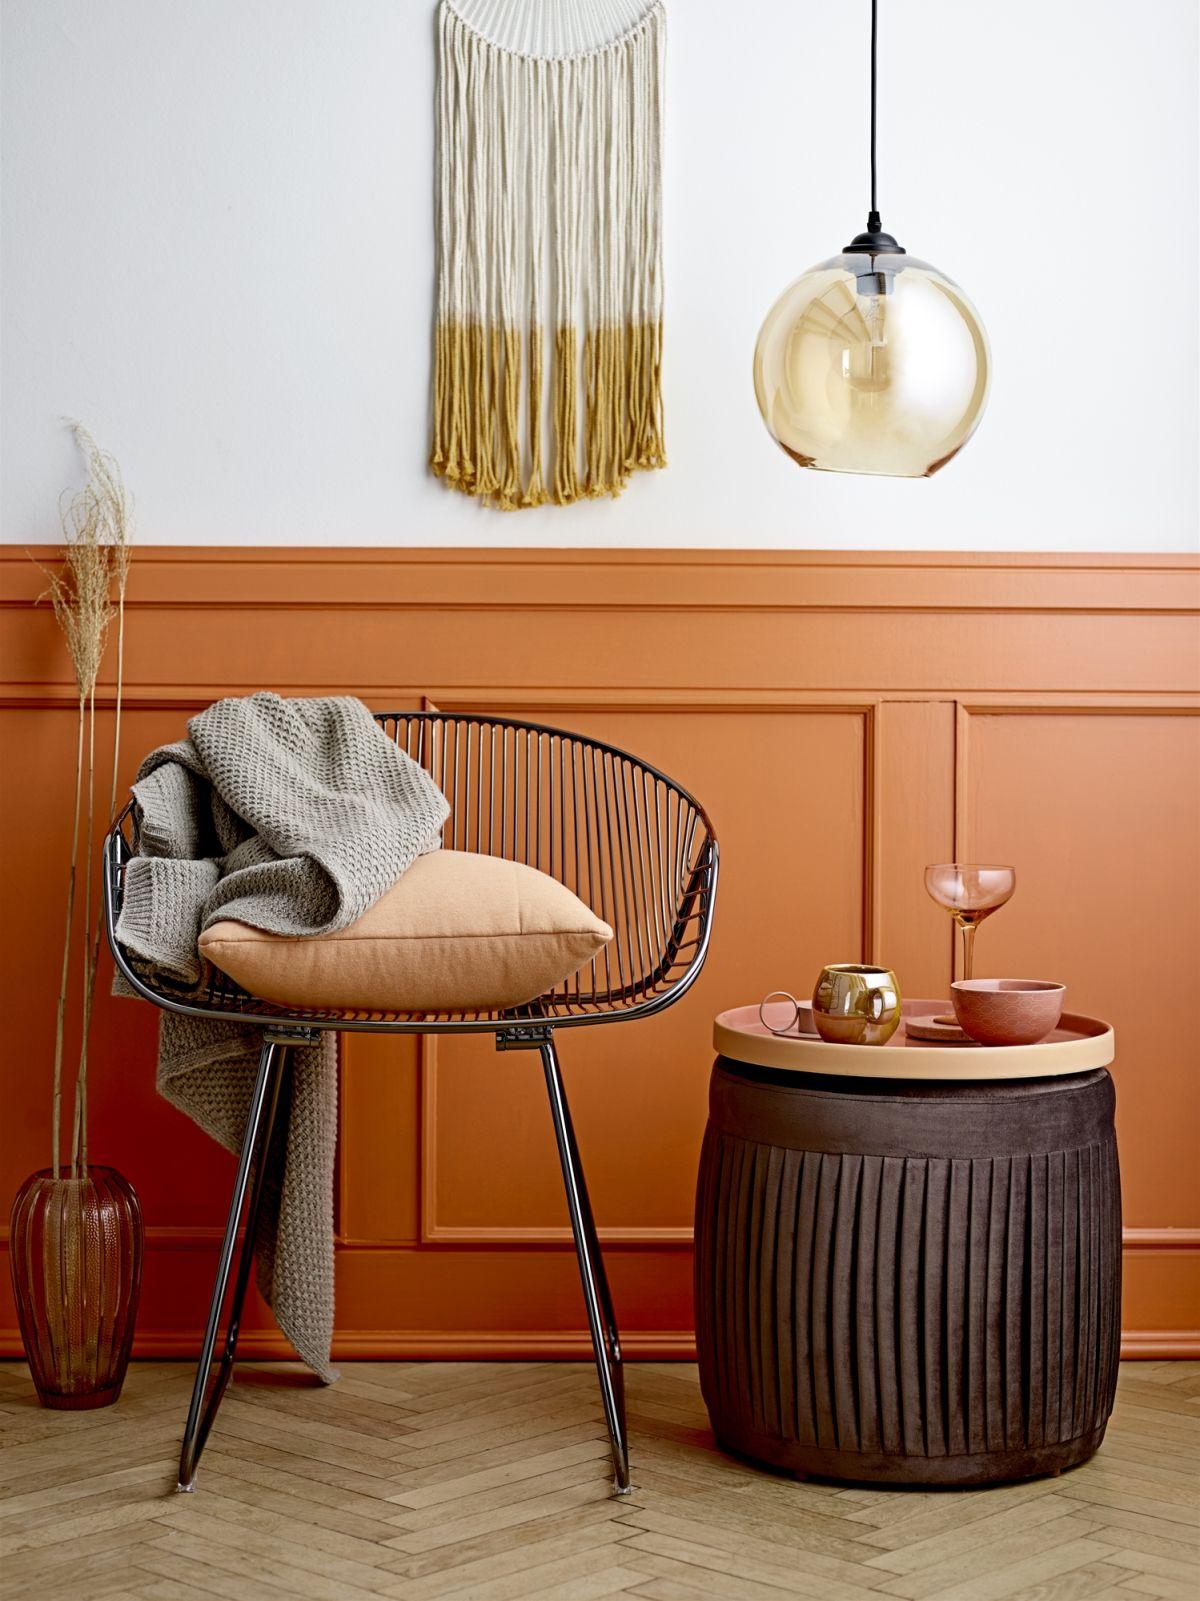 przytulne miejsce do relaksu - koc, poduszka, krzesła i zestaw do herbaty - Bloomingville kolekcja jesień zima 2018